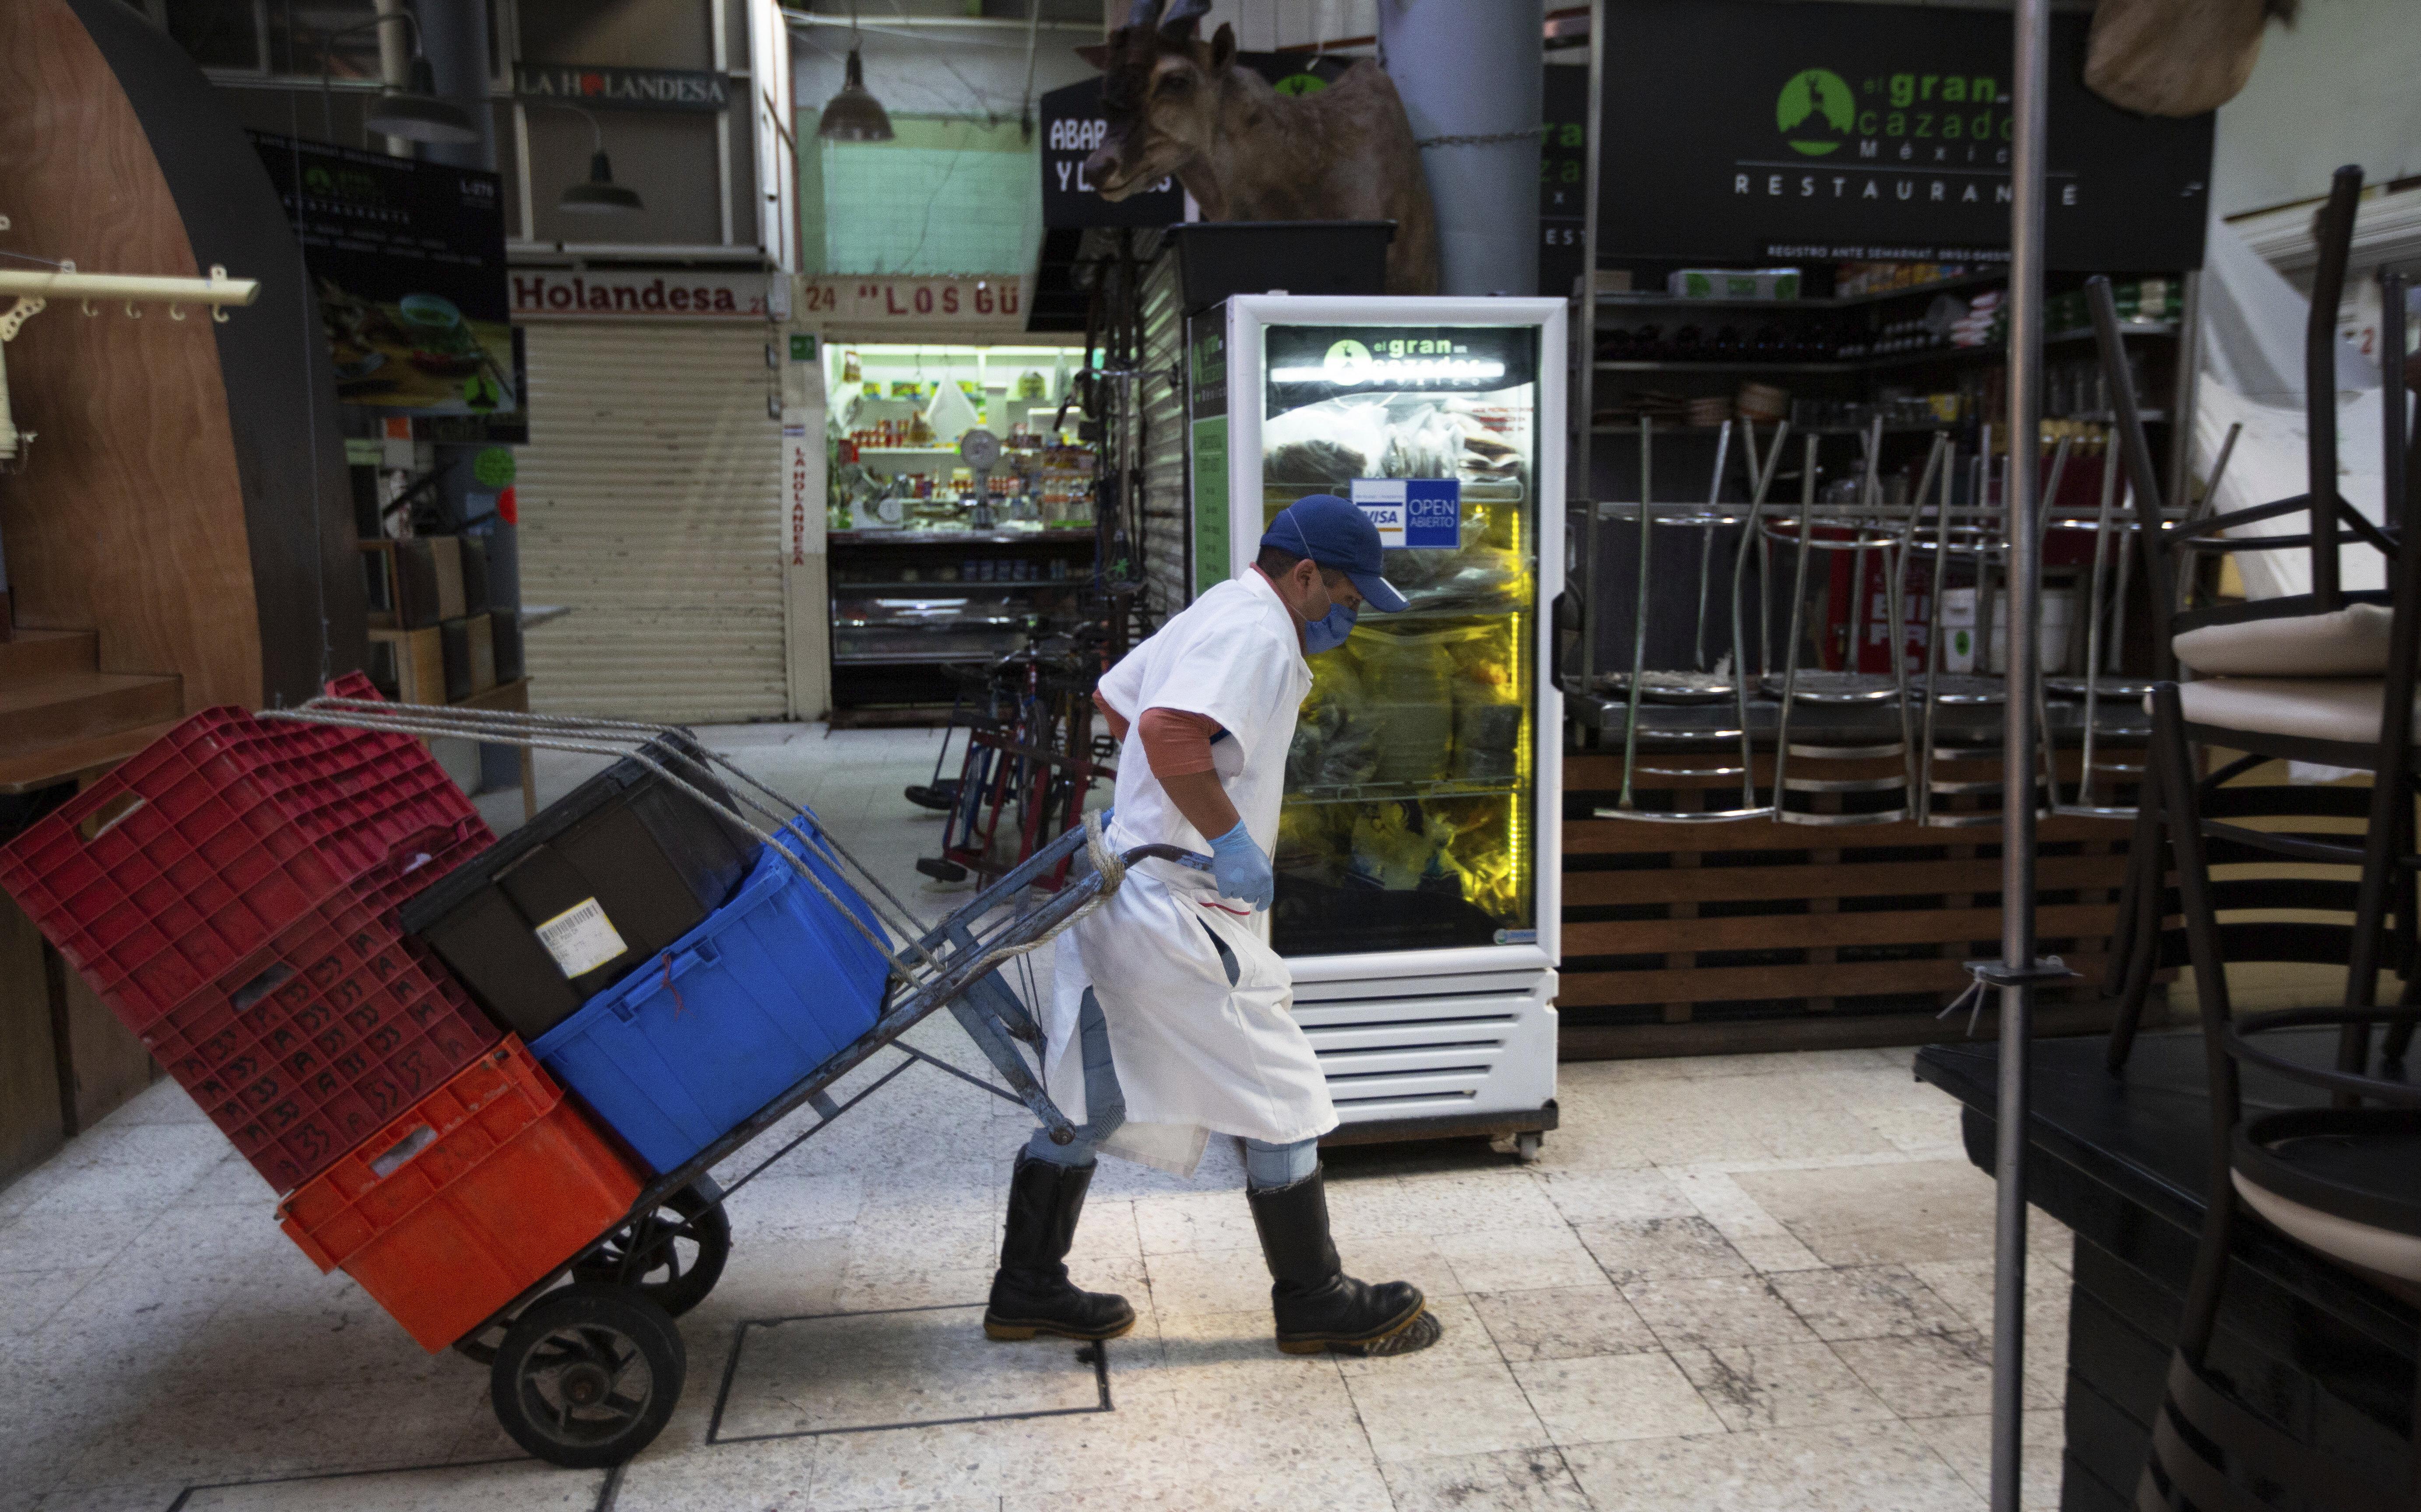 Un empleado que usa una mascarilla protectora y guantes desechables, transporta cajas con la ayuda de un carrito a través del popular y normalmente concurrido mercado de alimentos de San Juan, en la Ciudad de México, el miércoles 25 de marzo de 2020.